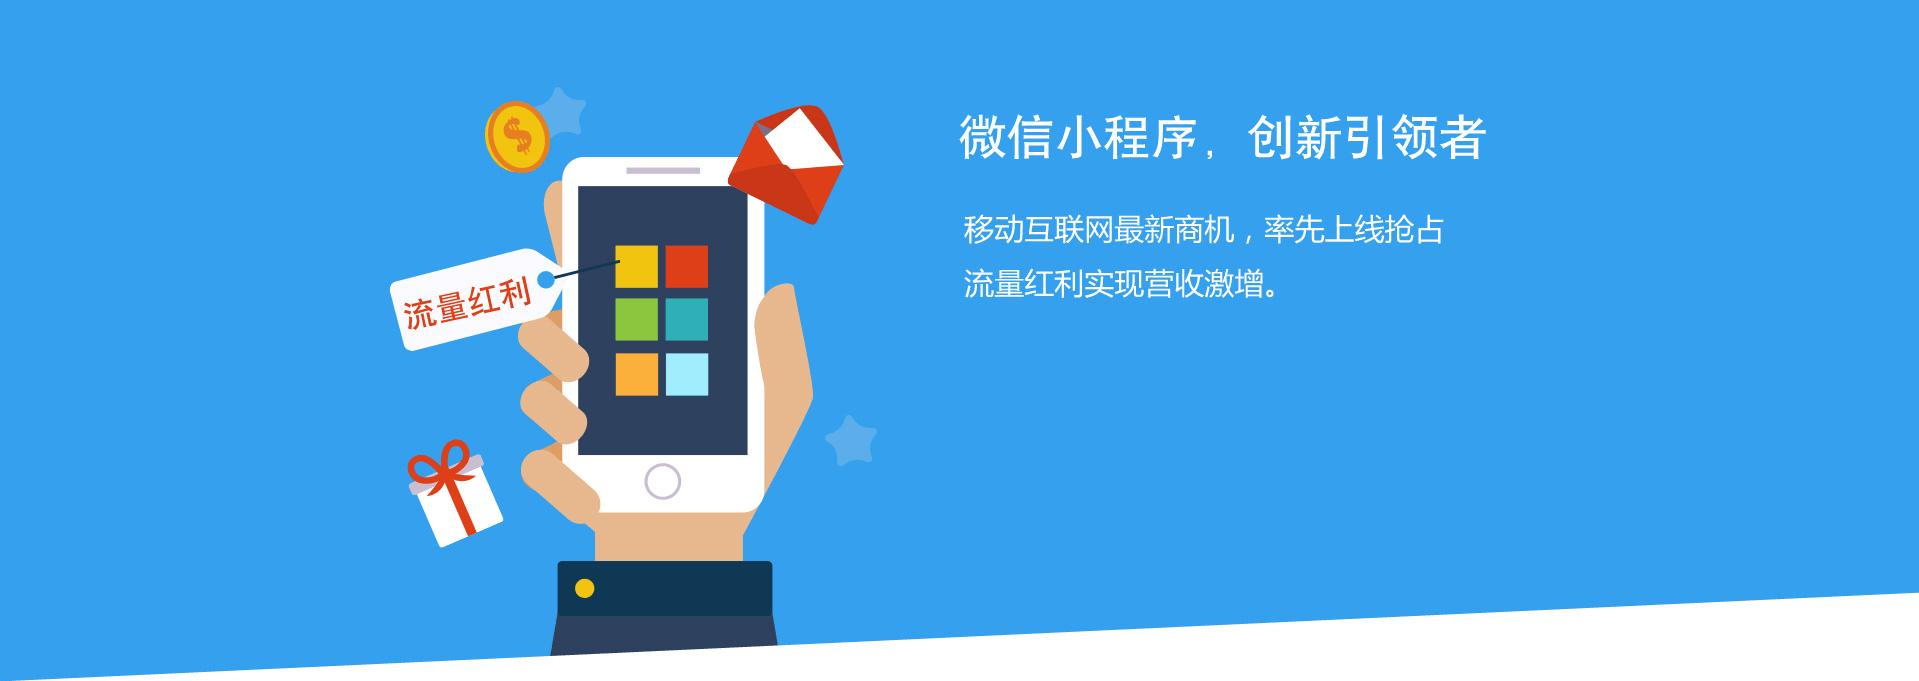 温州小程序开发_专业微信小程序定制与制作